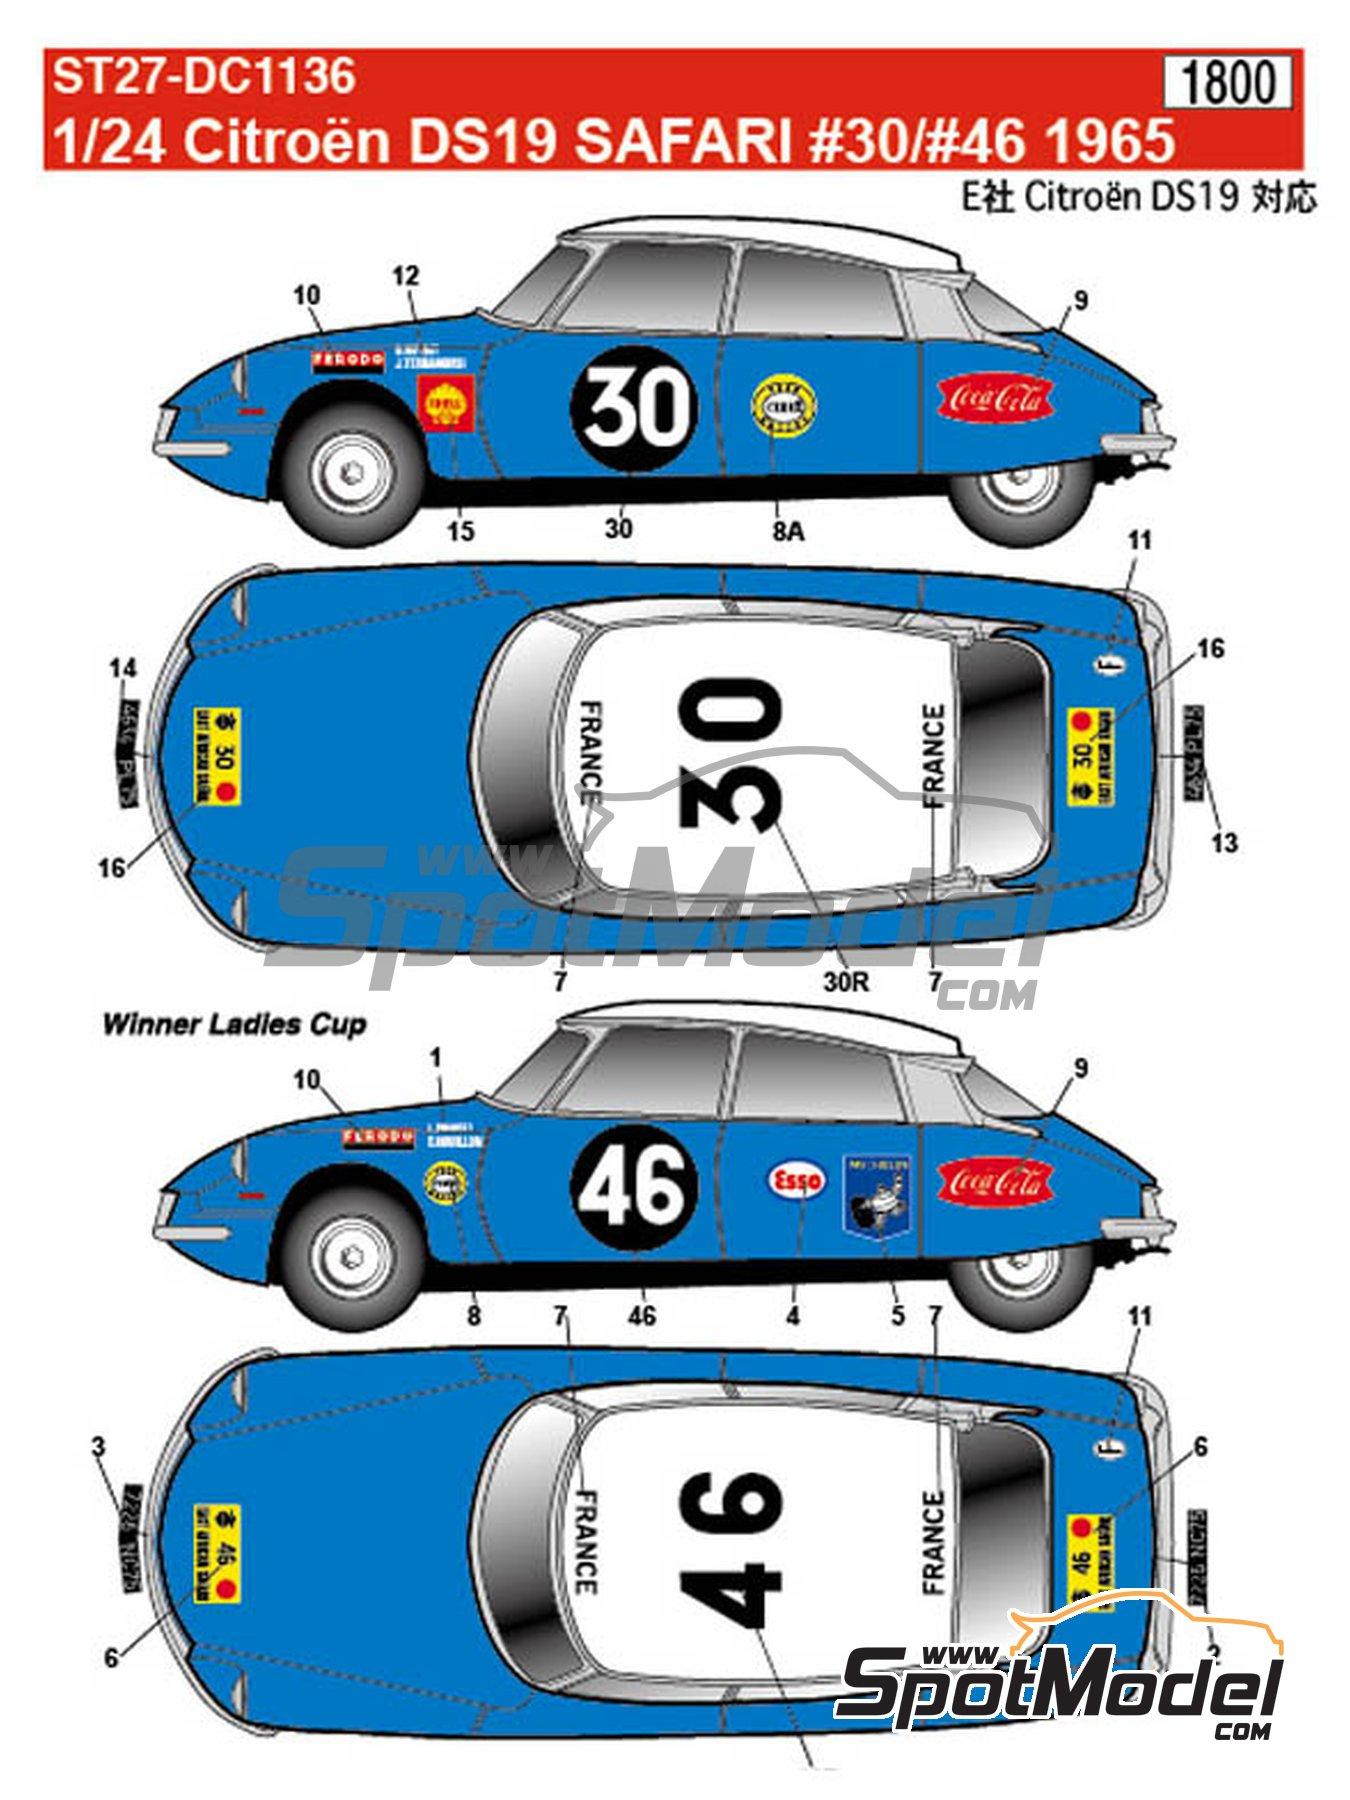 Citroën DS19 - Rally Safari 1965 | Decoración en escala1/24 fabricado por Studio27 (ref.ST27-DC1136) image